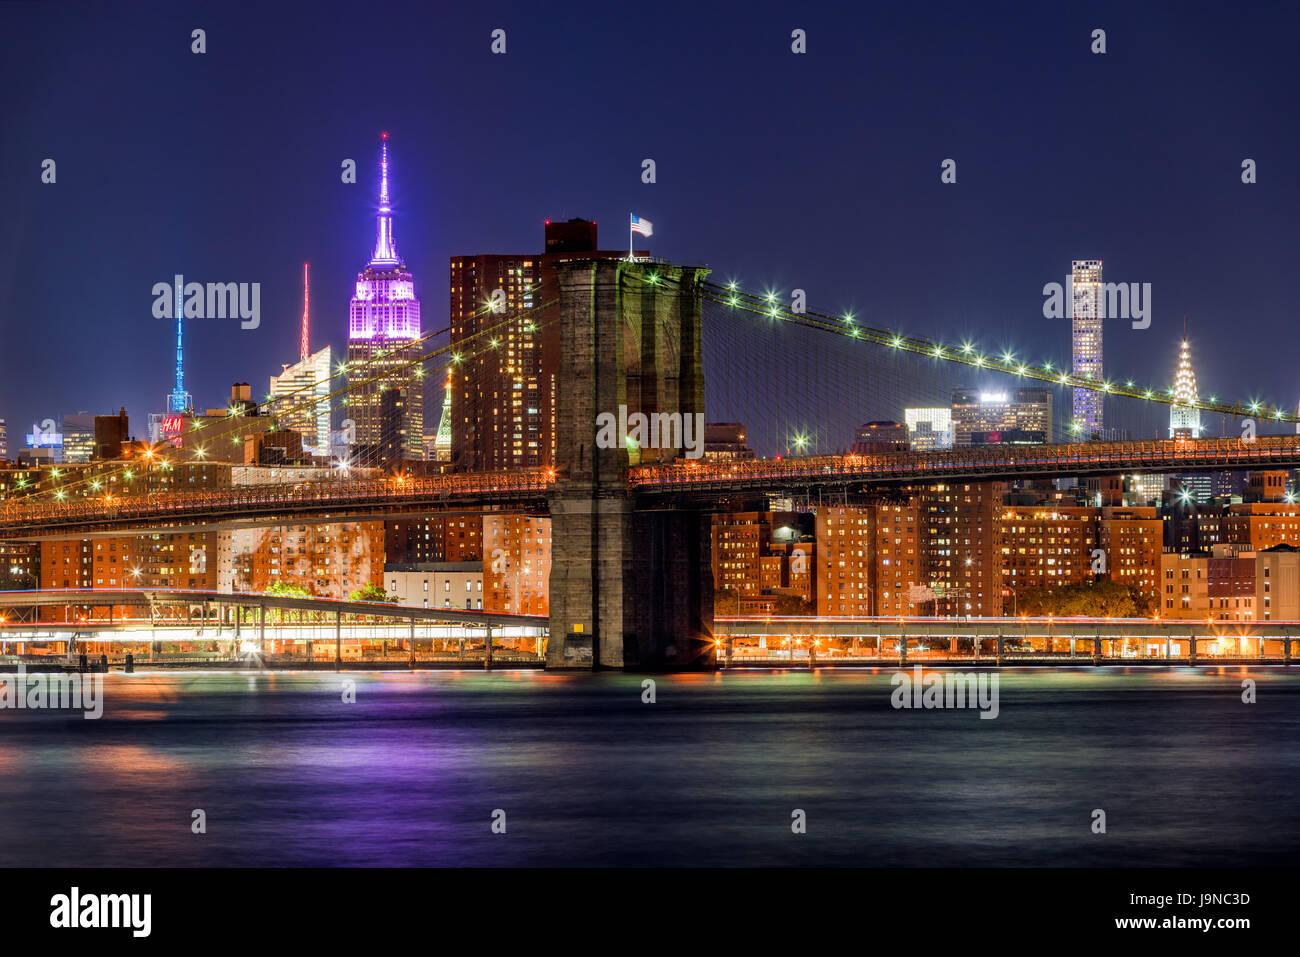 Vista nocturna del Puente de Brooklyn y Manhattan, rascacielos. La Ciudad de Nueva York Imagen De Stock